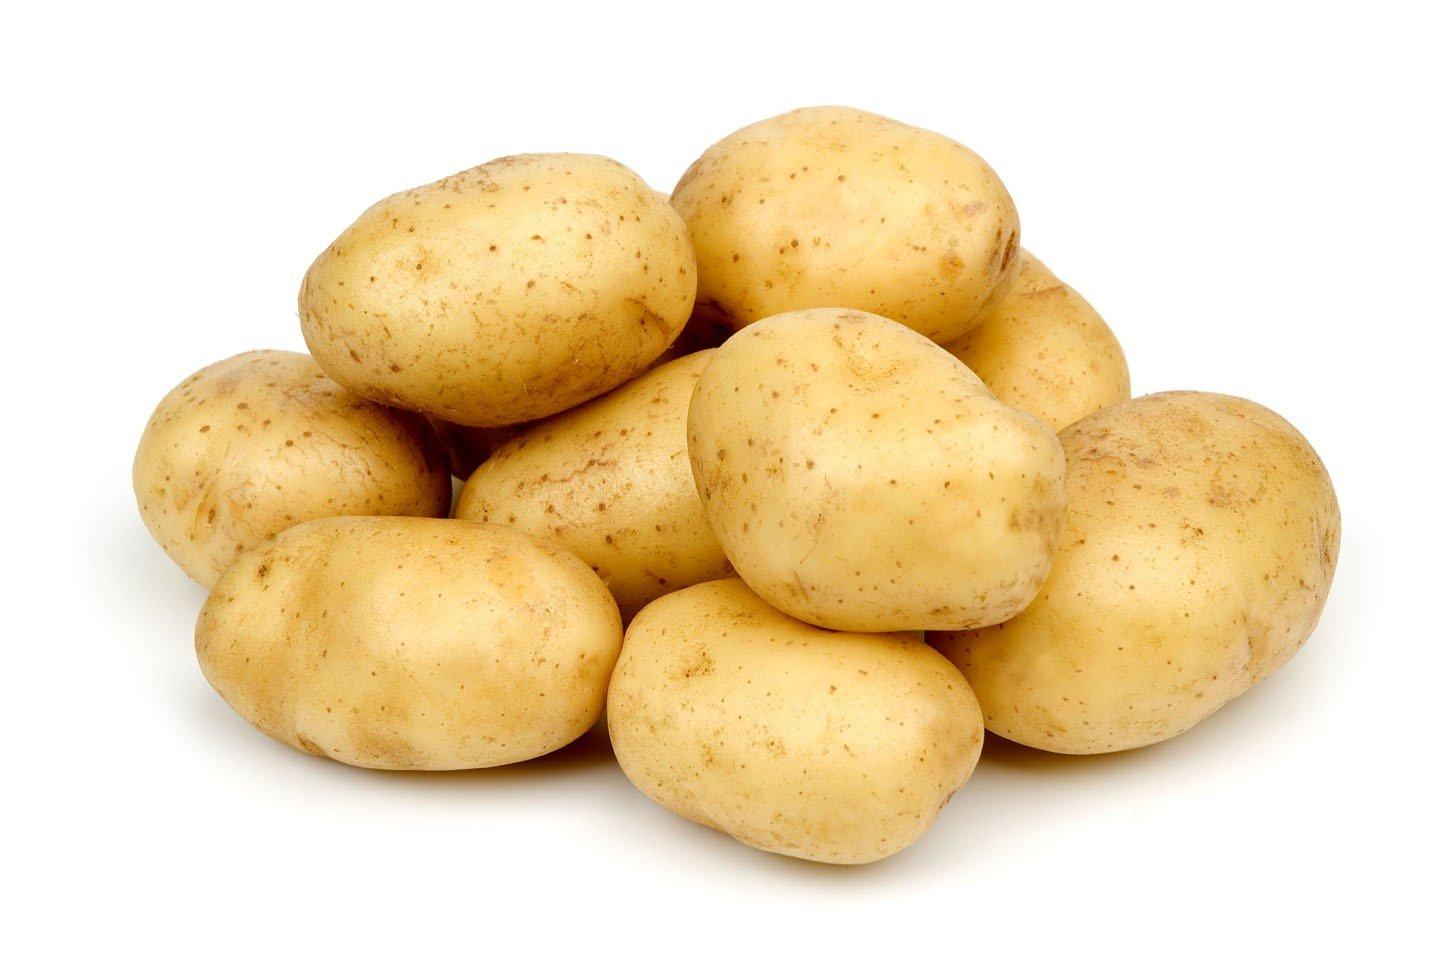 تحذيرات صحية يجب معرفتها أثناء تحضير البطاطس.. يتوجب تجنبها